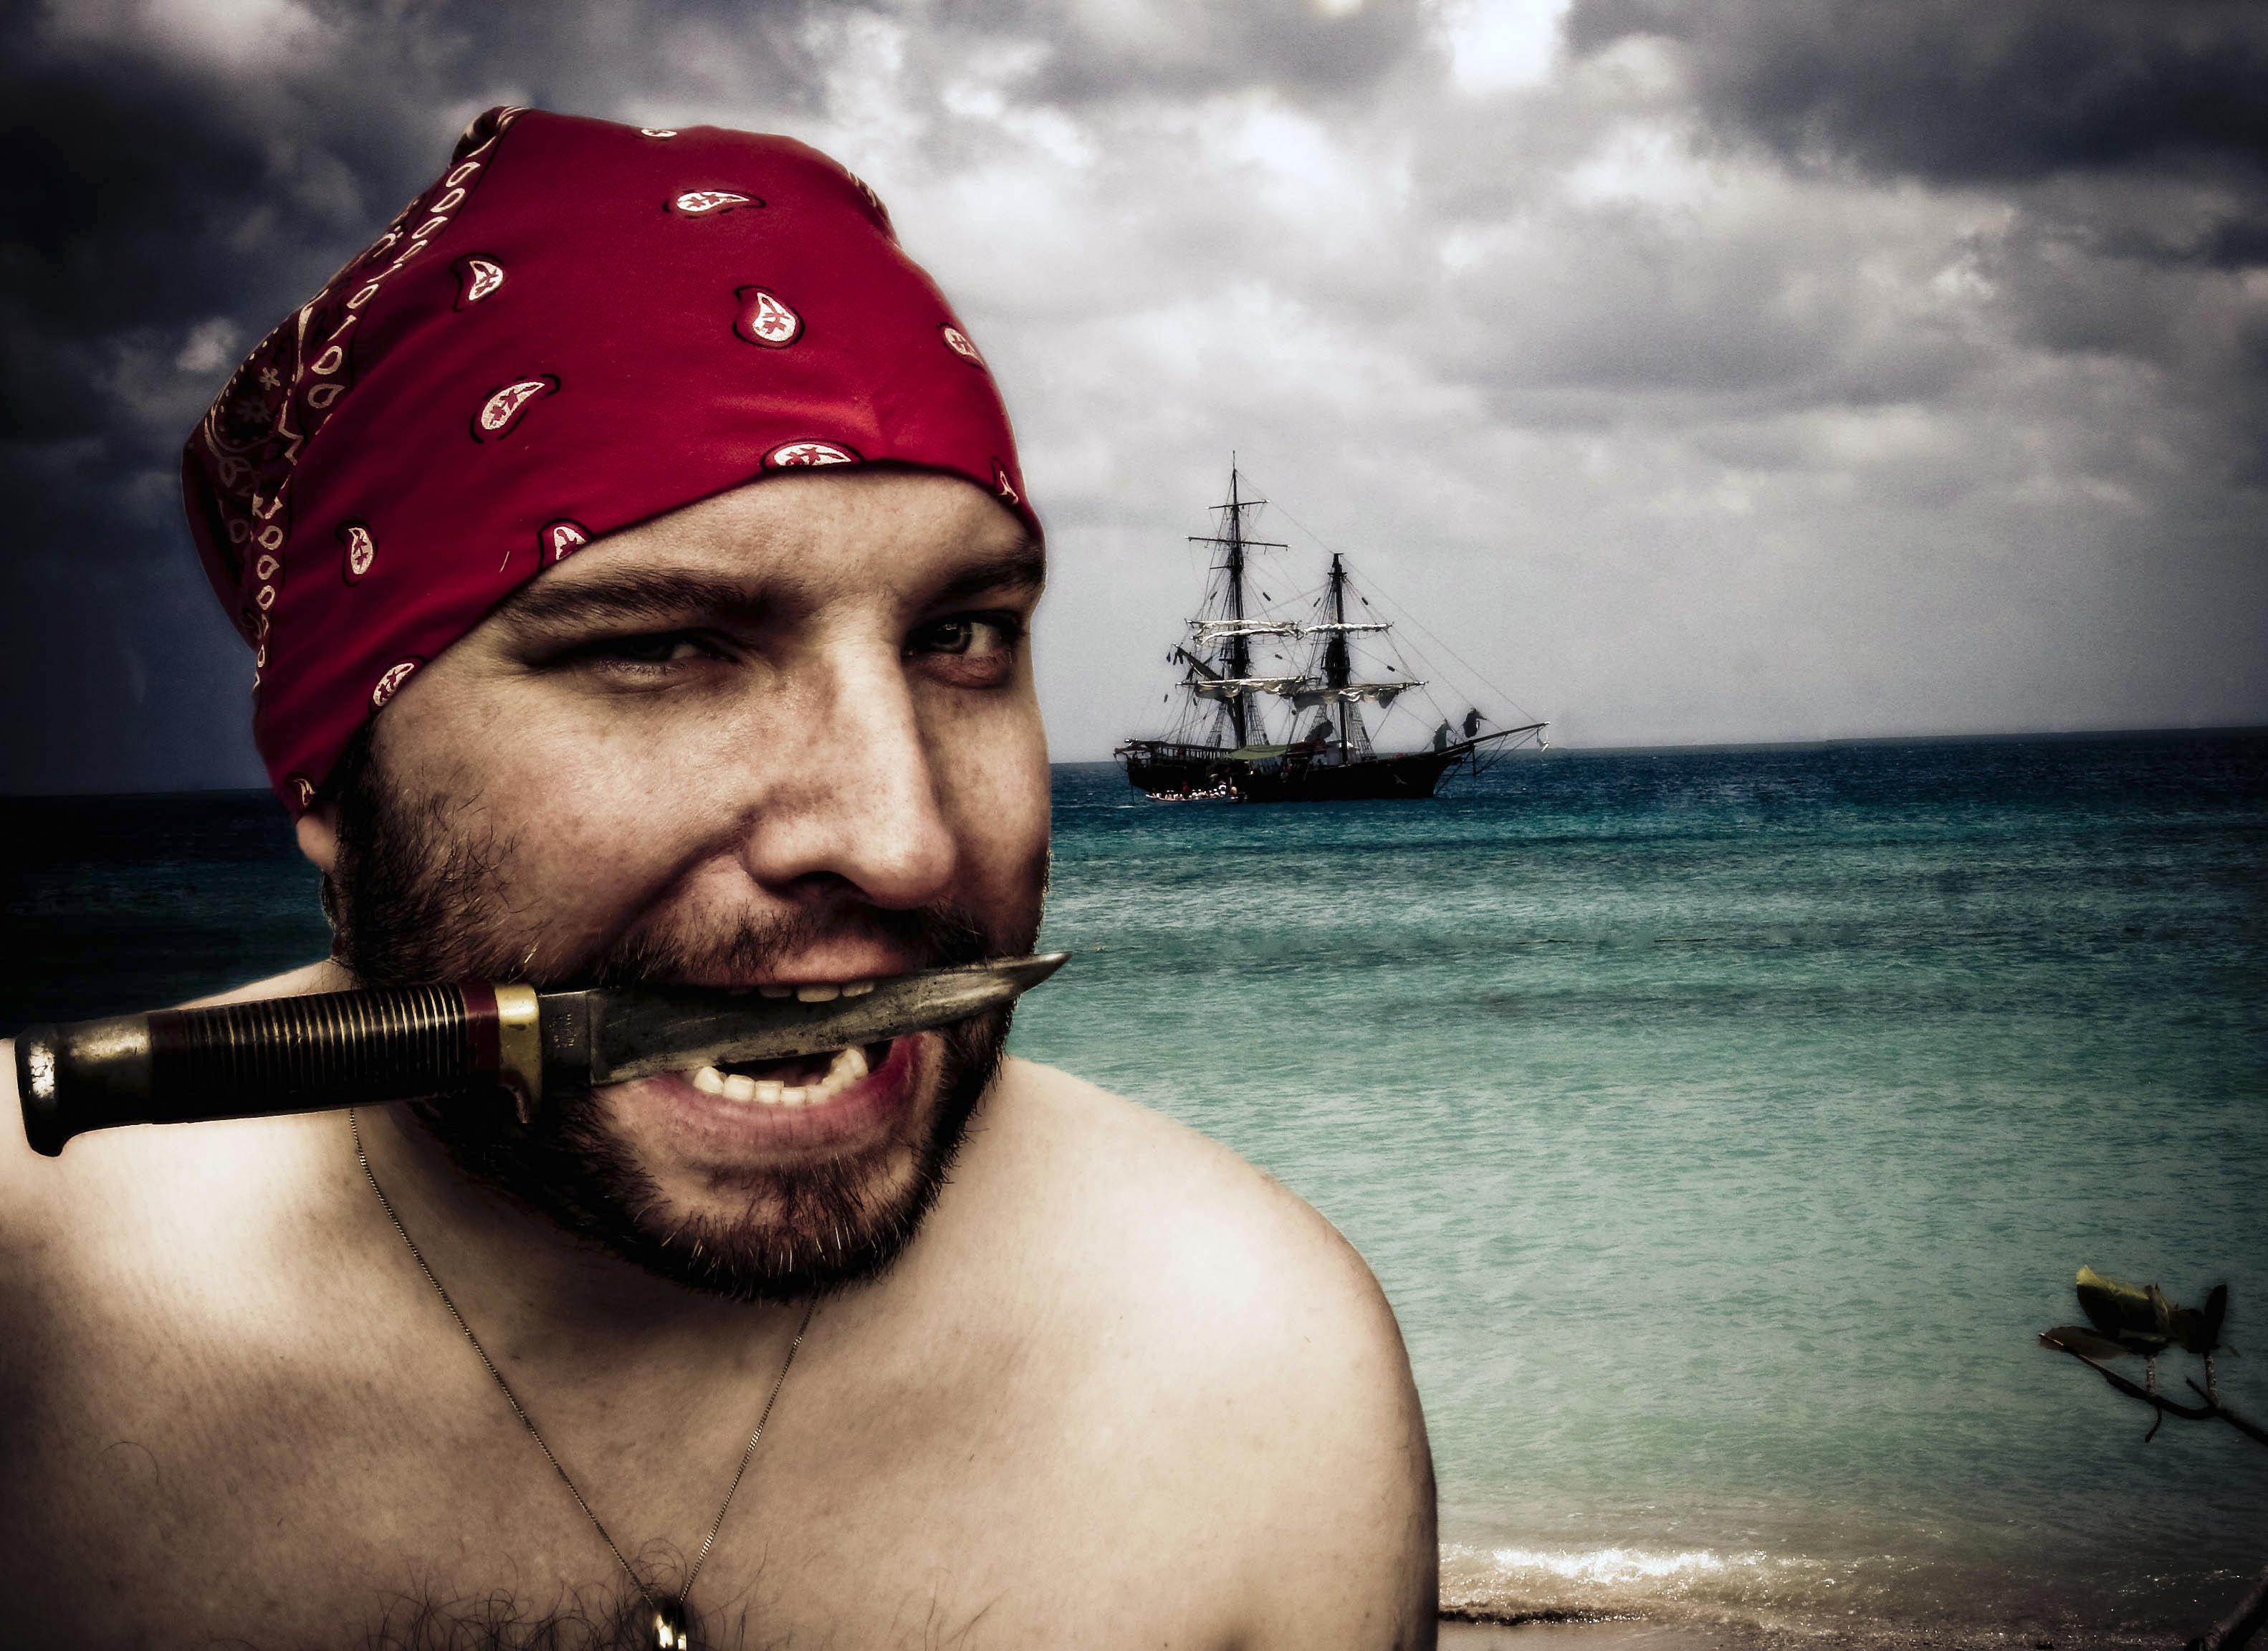 пираты фото картинки настоящие прислала мне рисунки